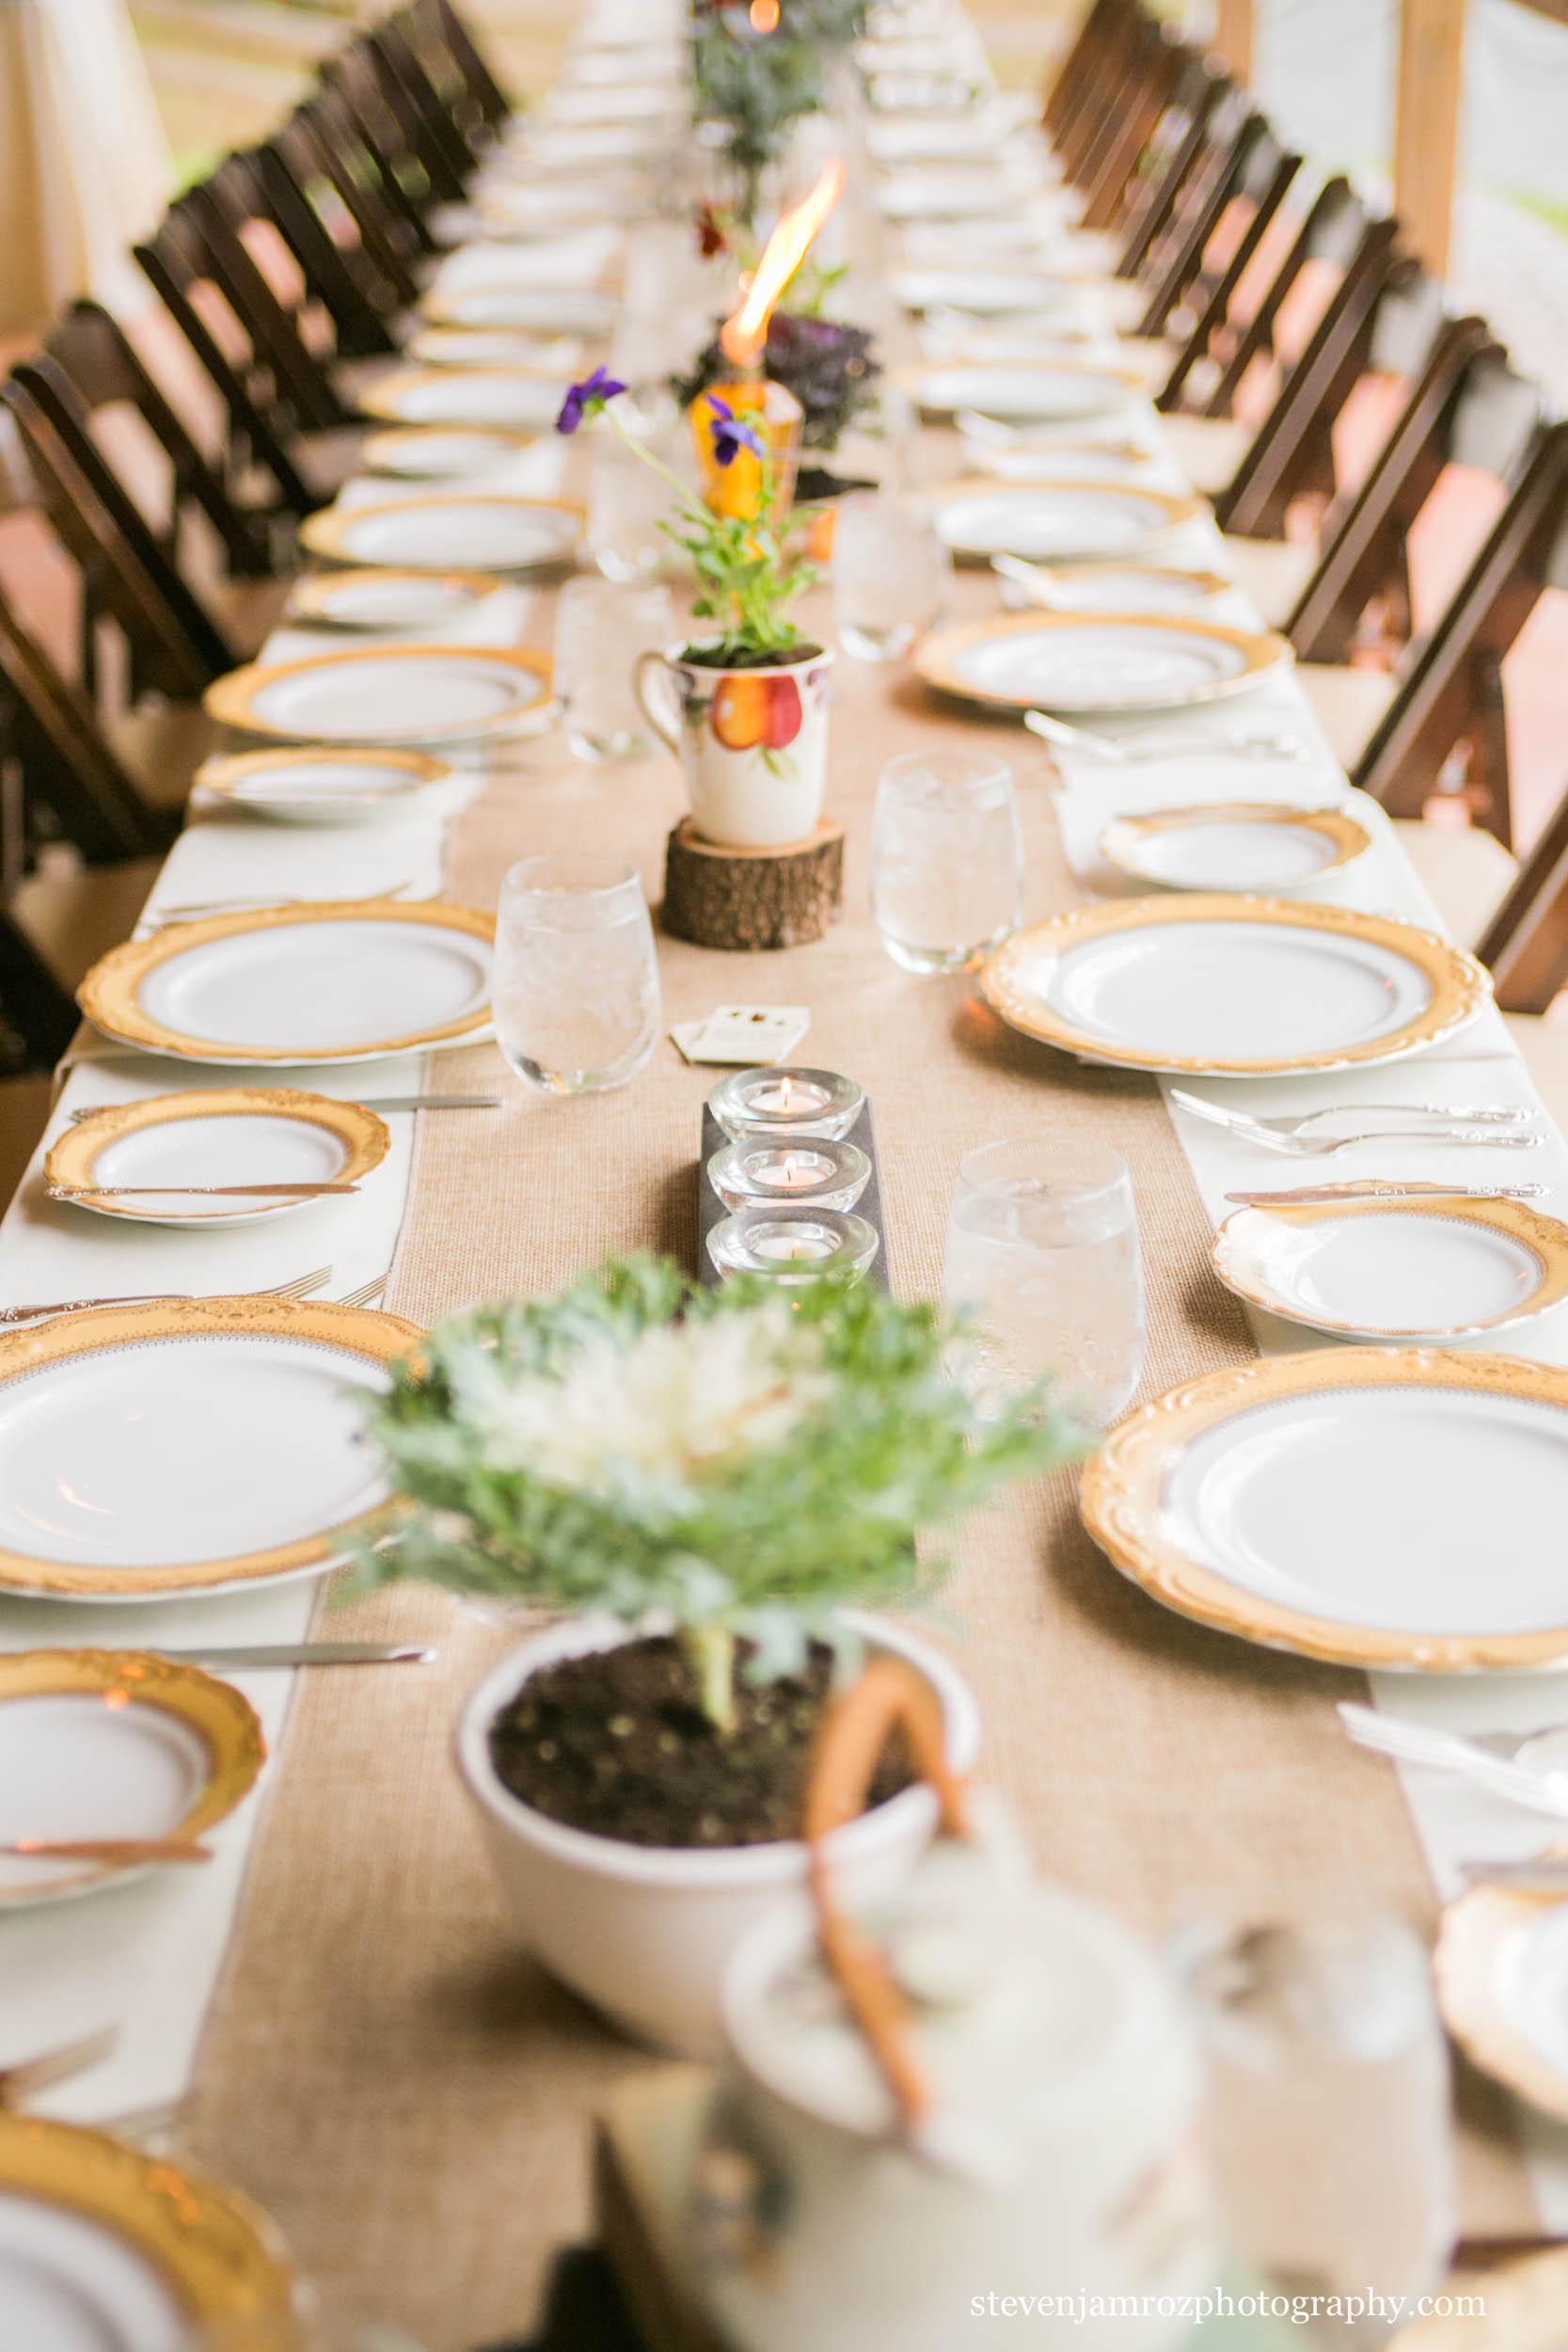 long-table-runner-wedding-raleigh-steven-jamroz-0701.jpg